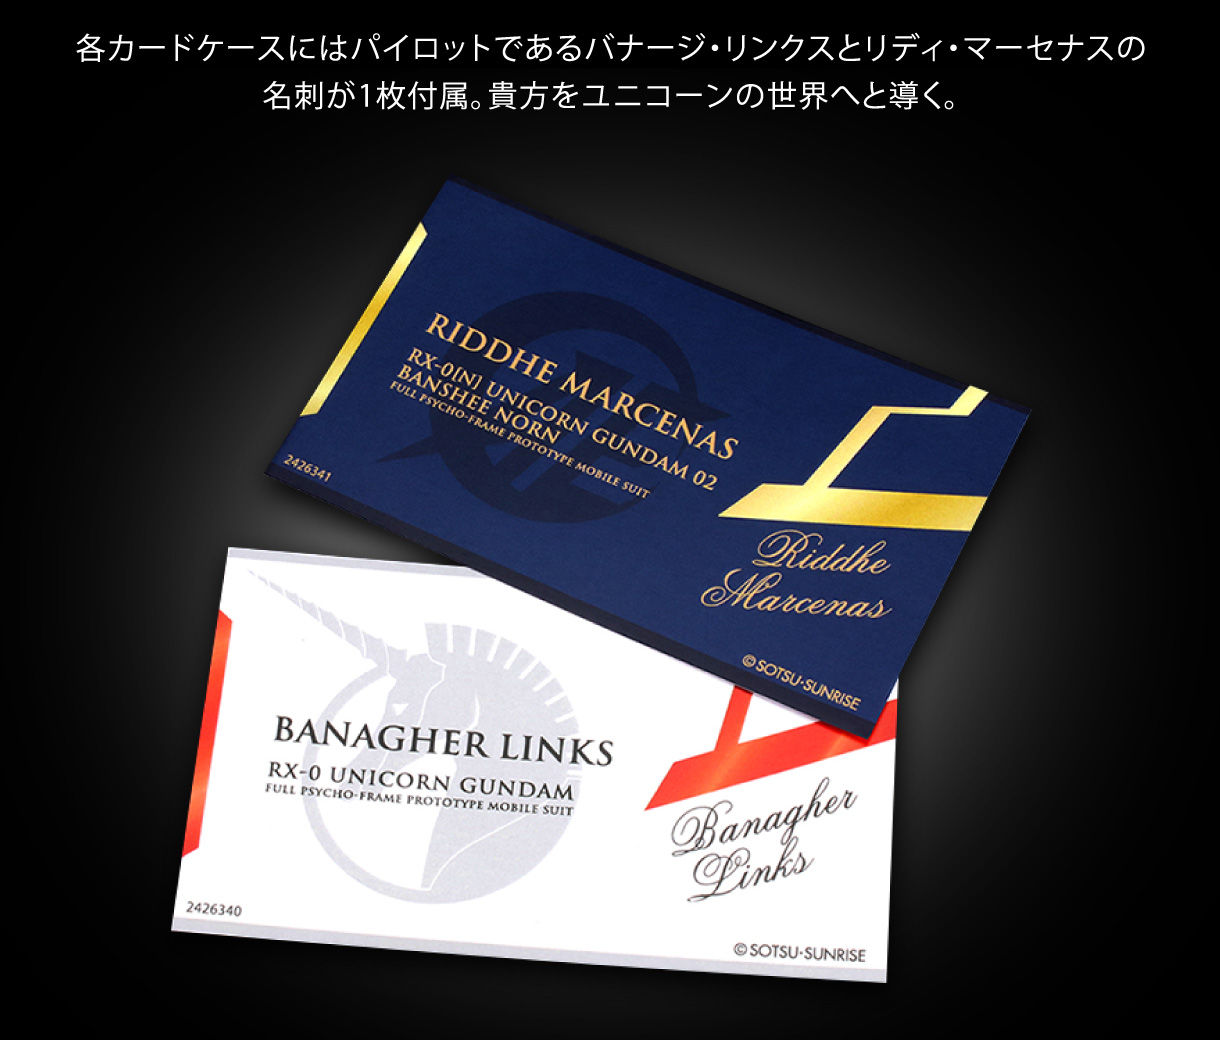 各カードケースにはパイロットであるバナージ・リンクスとリディ・マーセナスの名刺が1枚付属。貴方をユニコーンの世界へと導く。